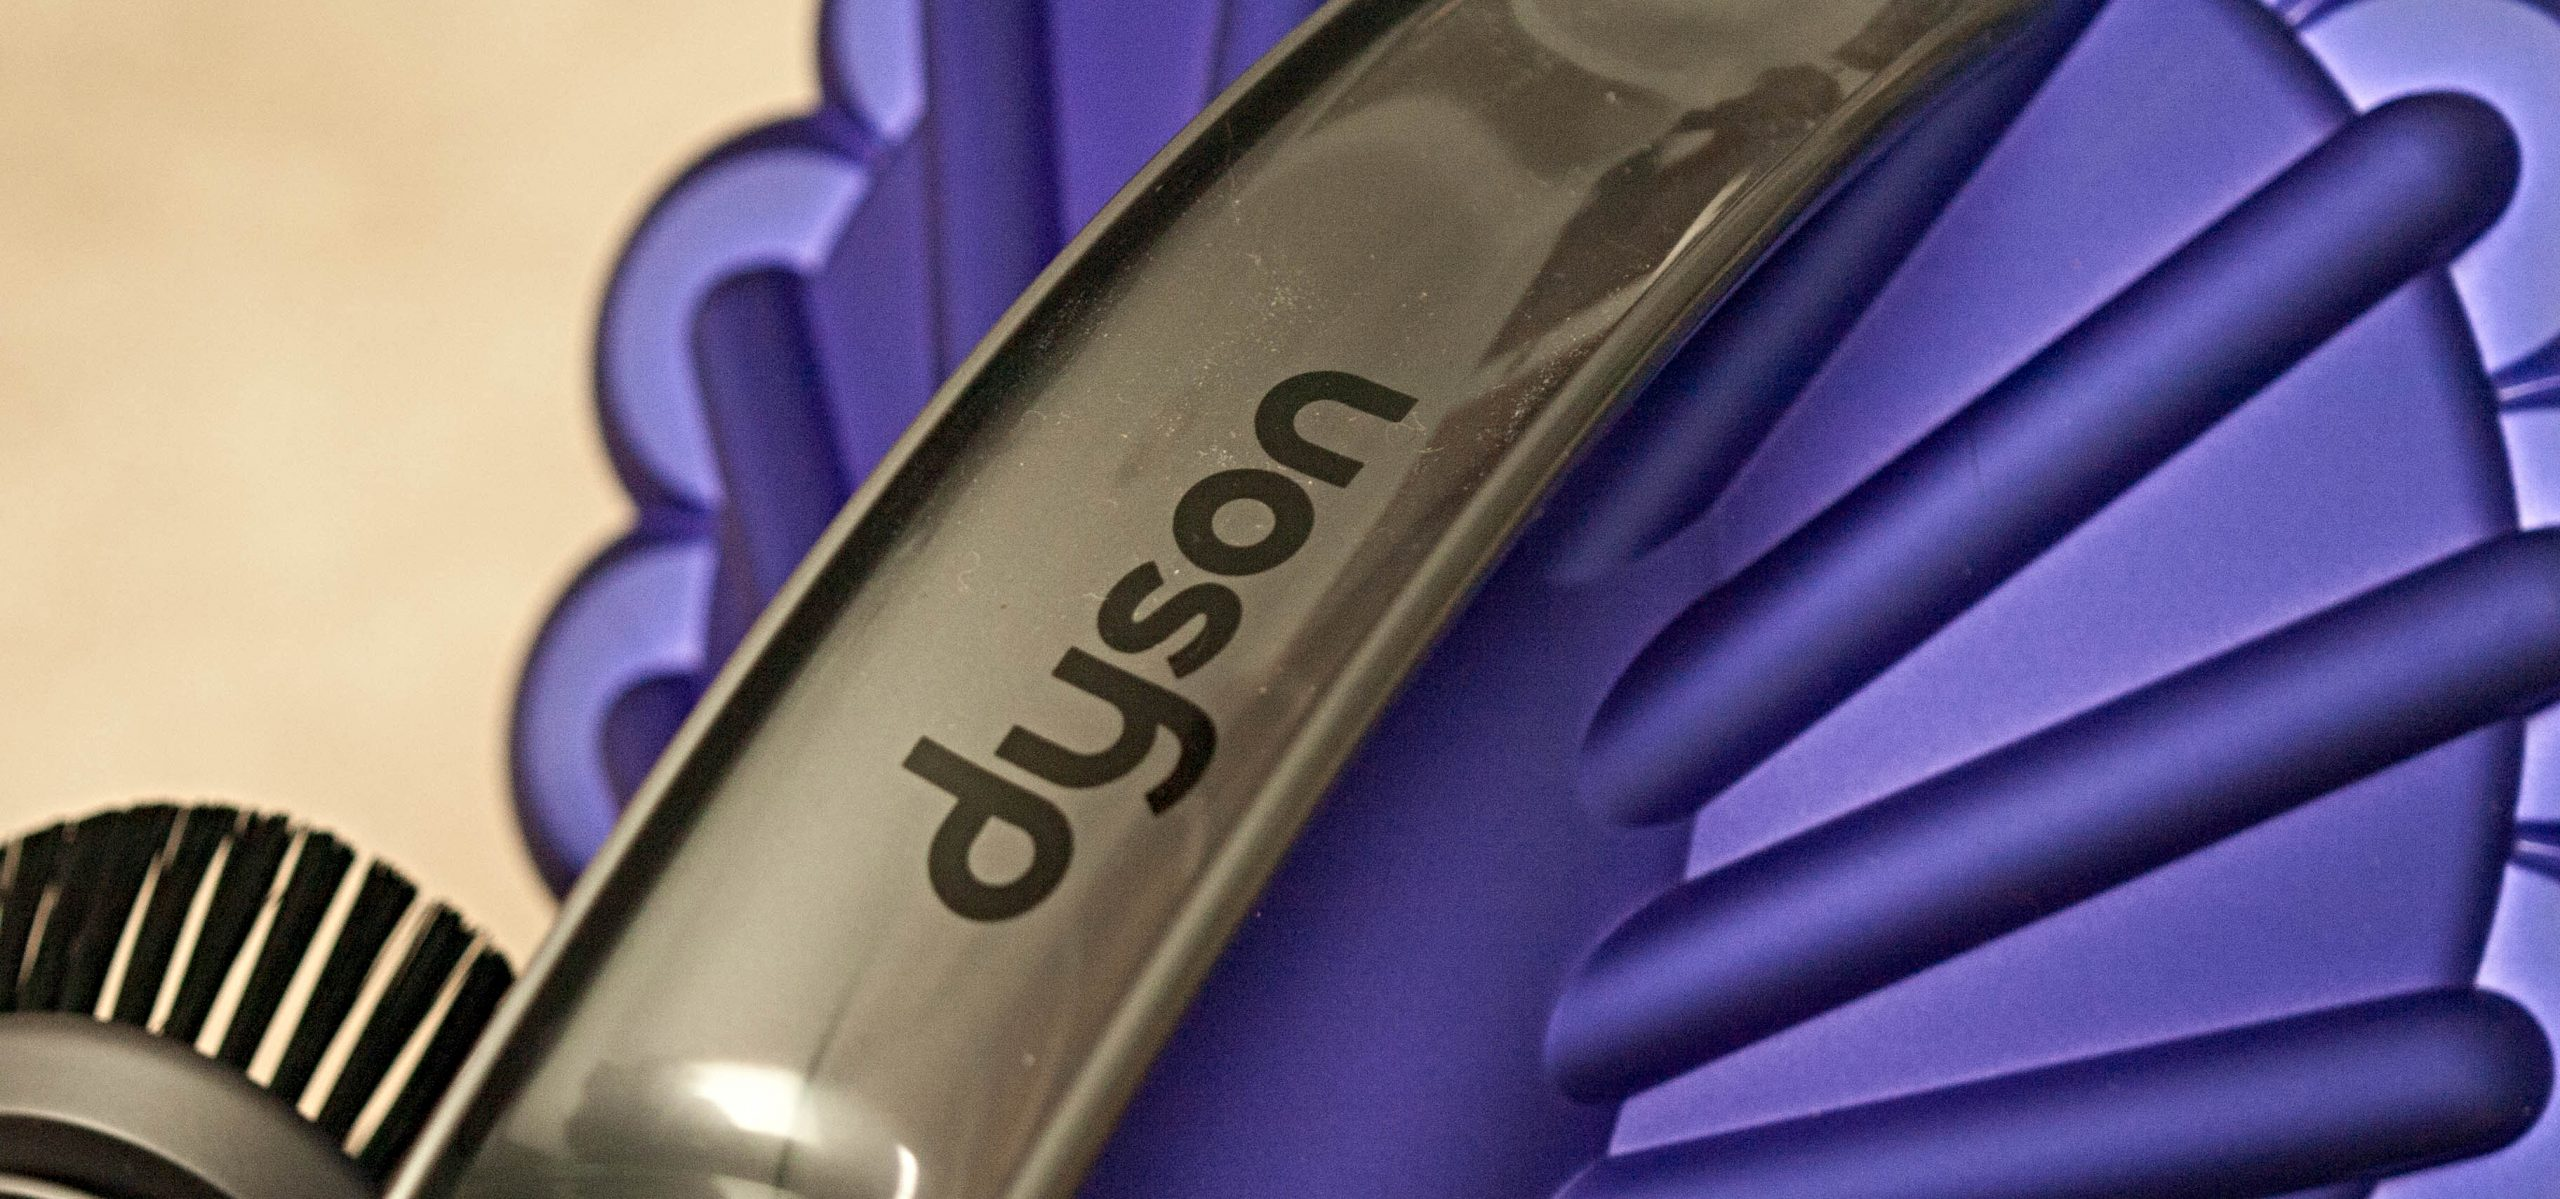 Aspiradora Dyson: ¿Cuál es la mejor del 2020?